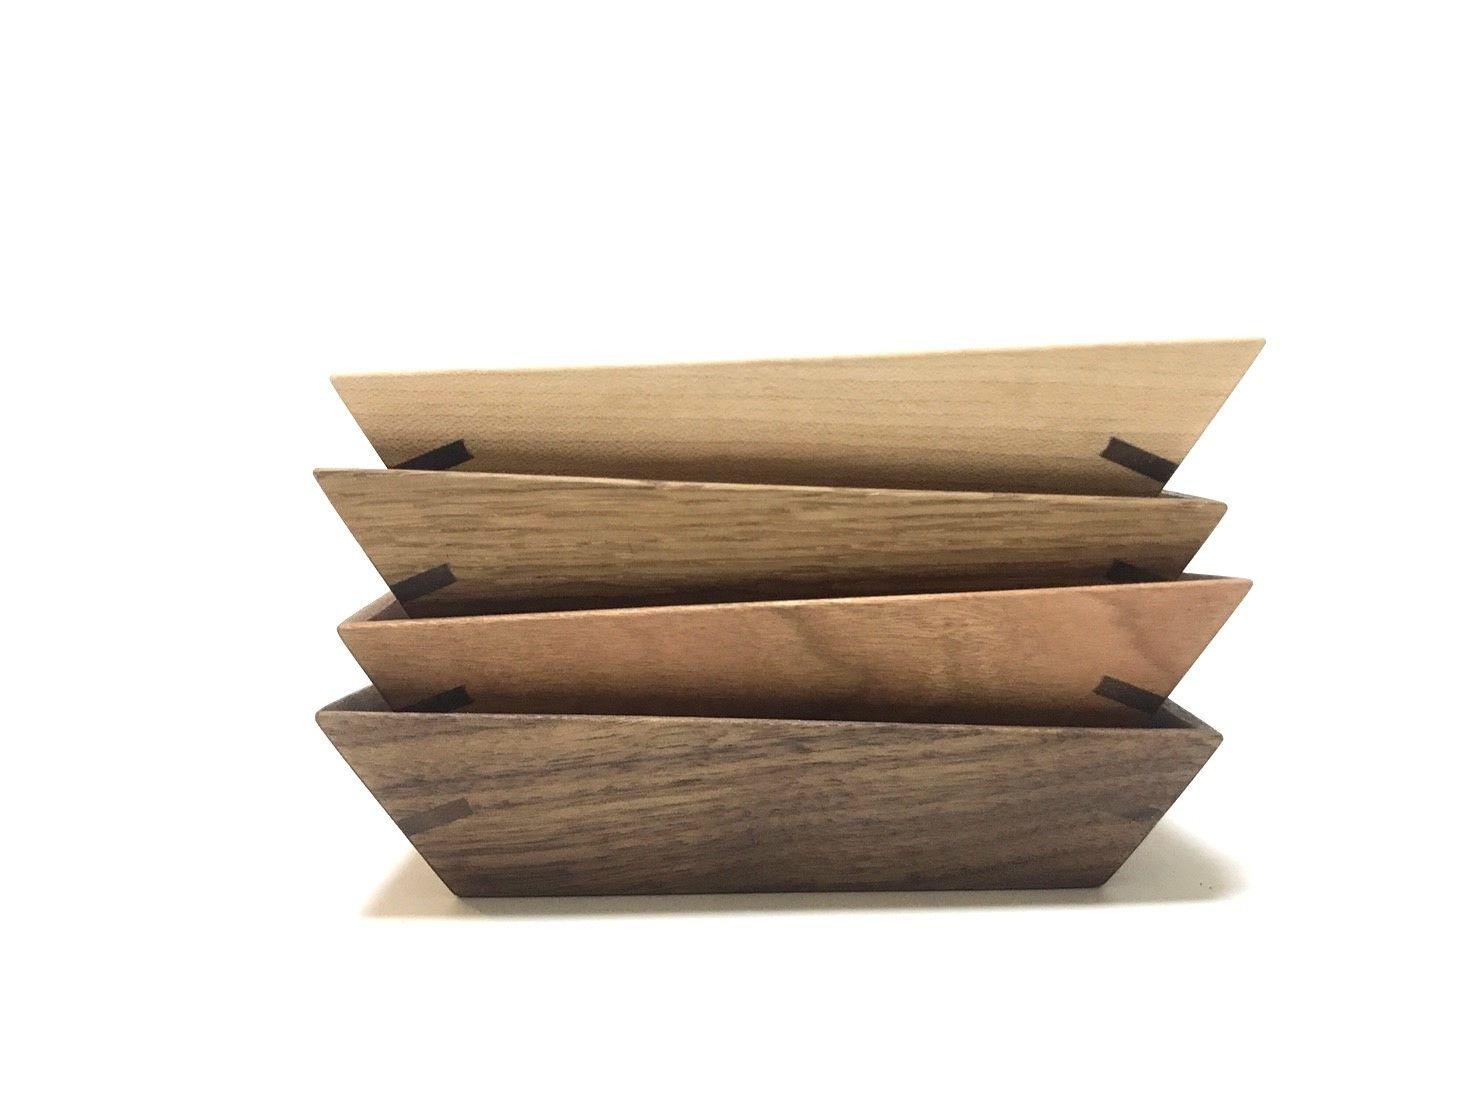 【若い衆シリーズ】wood  tray(4枚セット) 佐藤竜